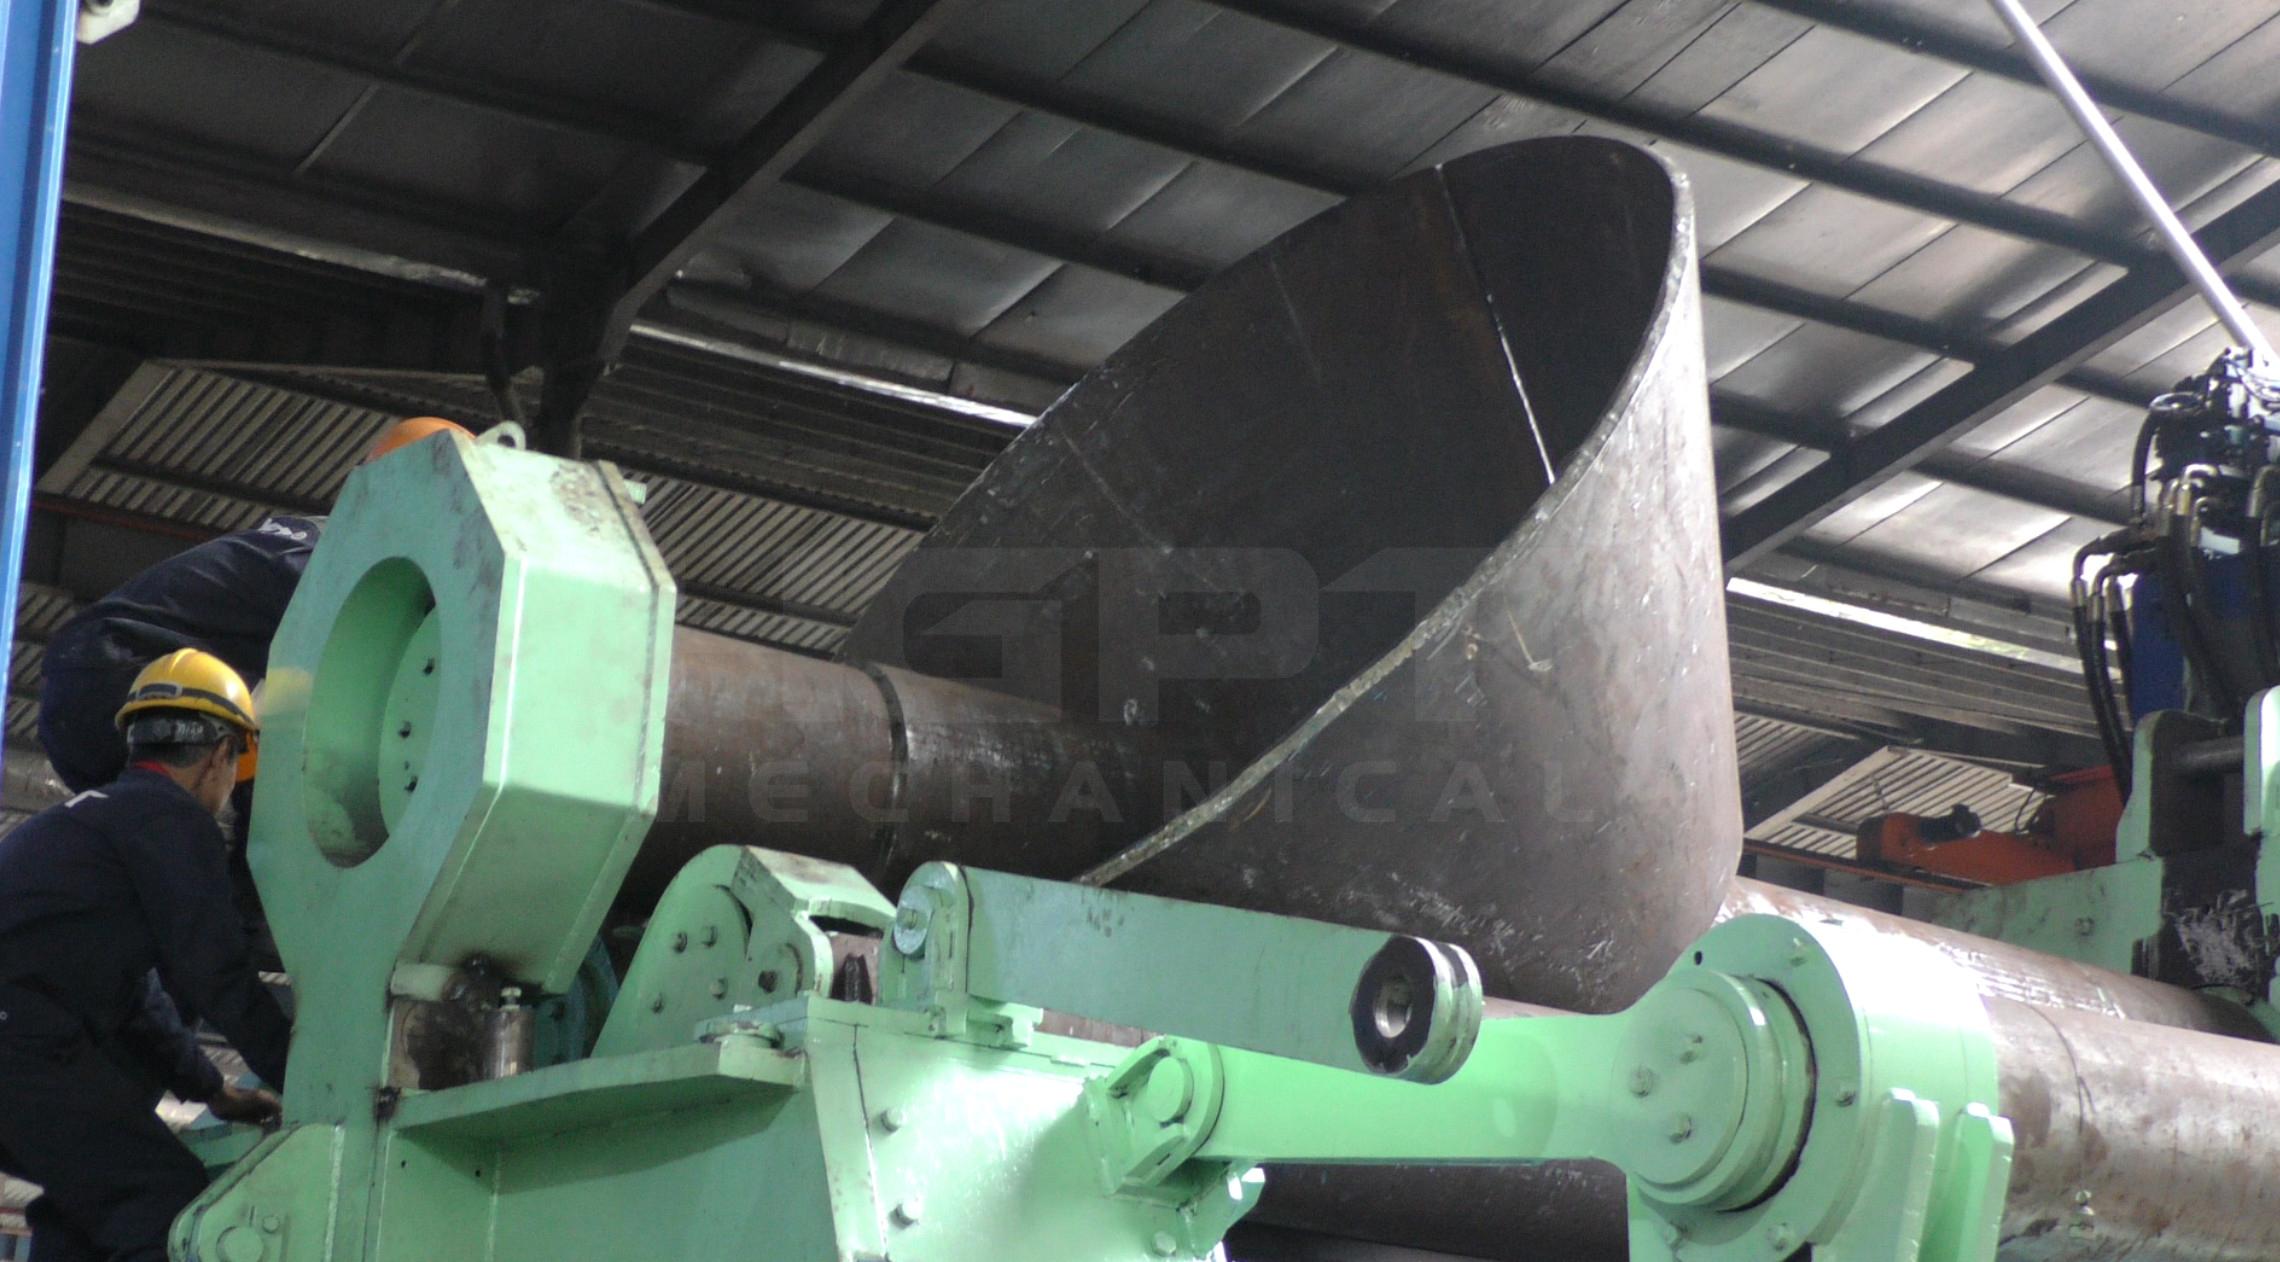 Quy trình Uốn thép tấm dày thành ống côn với độ dày tối đa 80mm